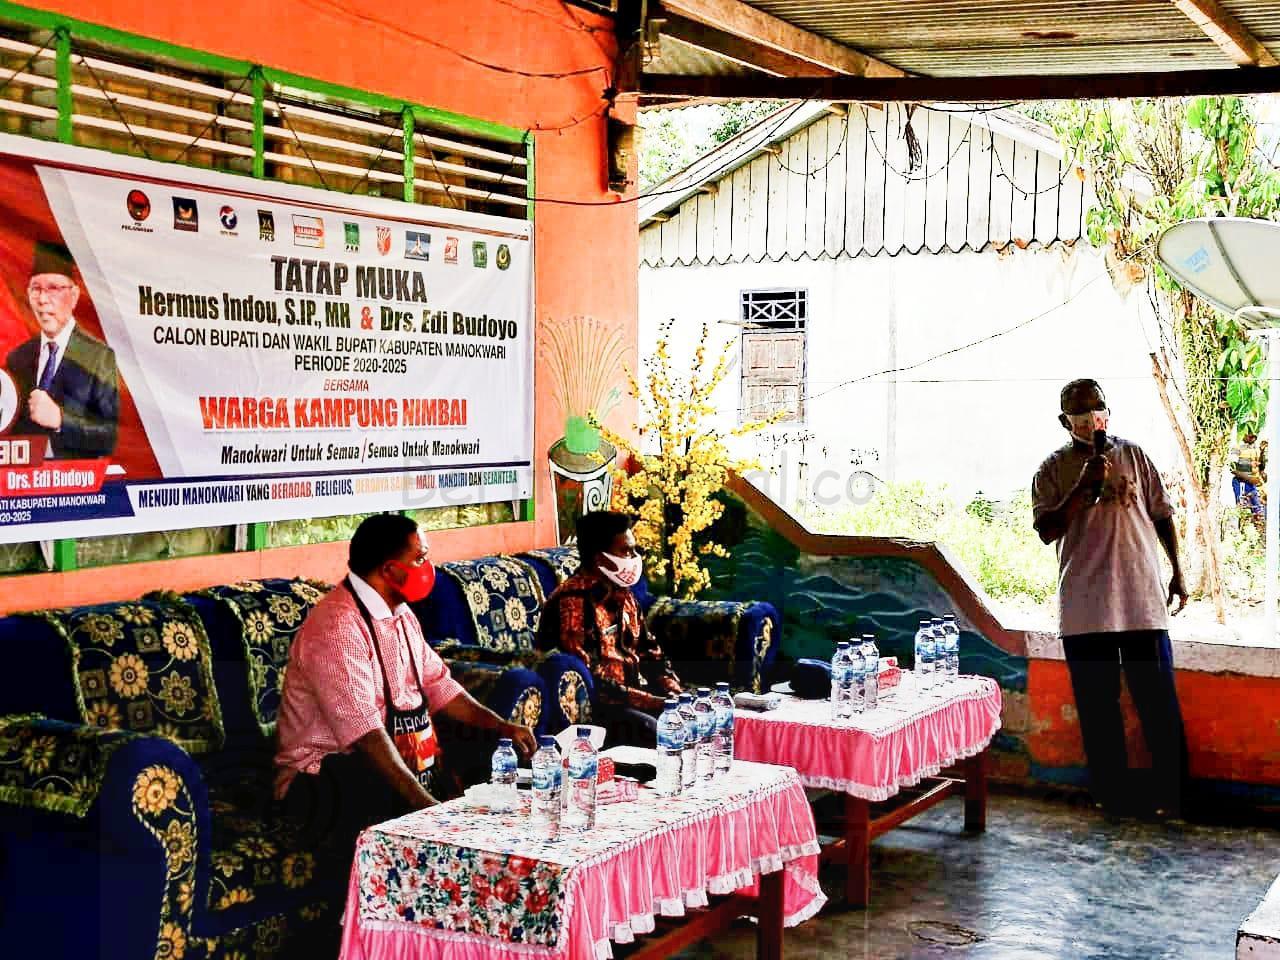 Hermus Indou: Pilih Paslon Membangun Masyarakat, Bukan Janji Dan Rupiah 4 IMG 20201031 WA0028 1